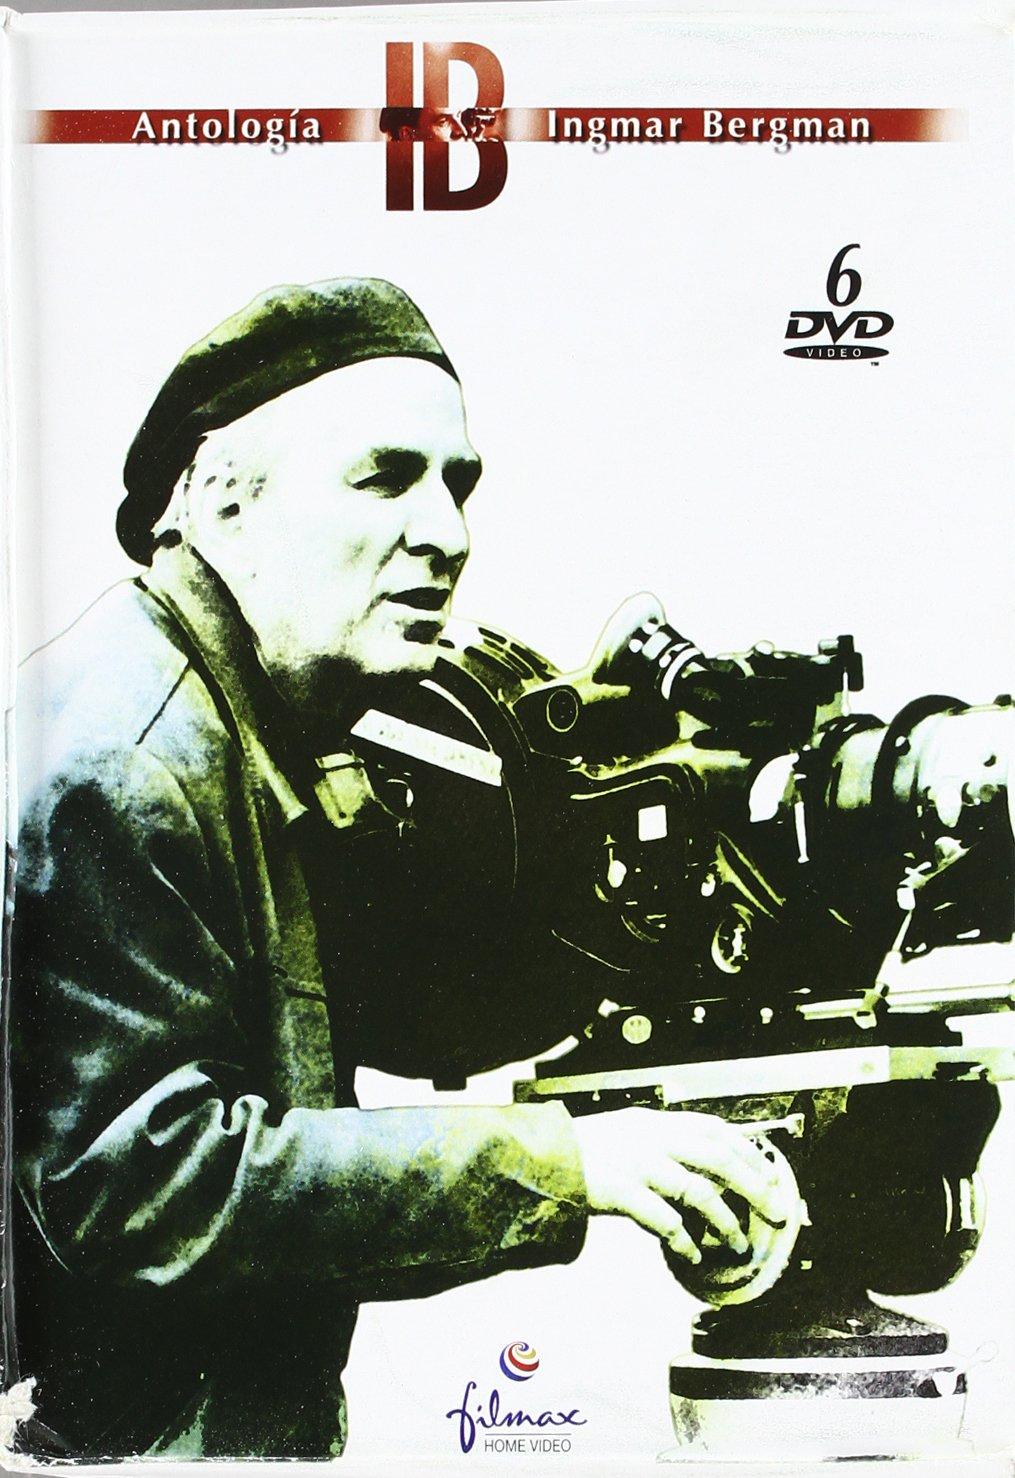 Pack Ingmar Bergman 3 (6 Dvd): Amazon.es: Varios: Cine y Series TV